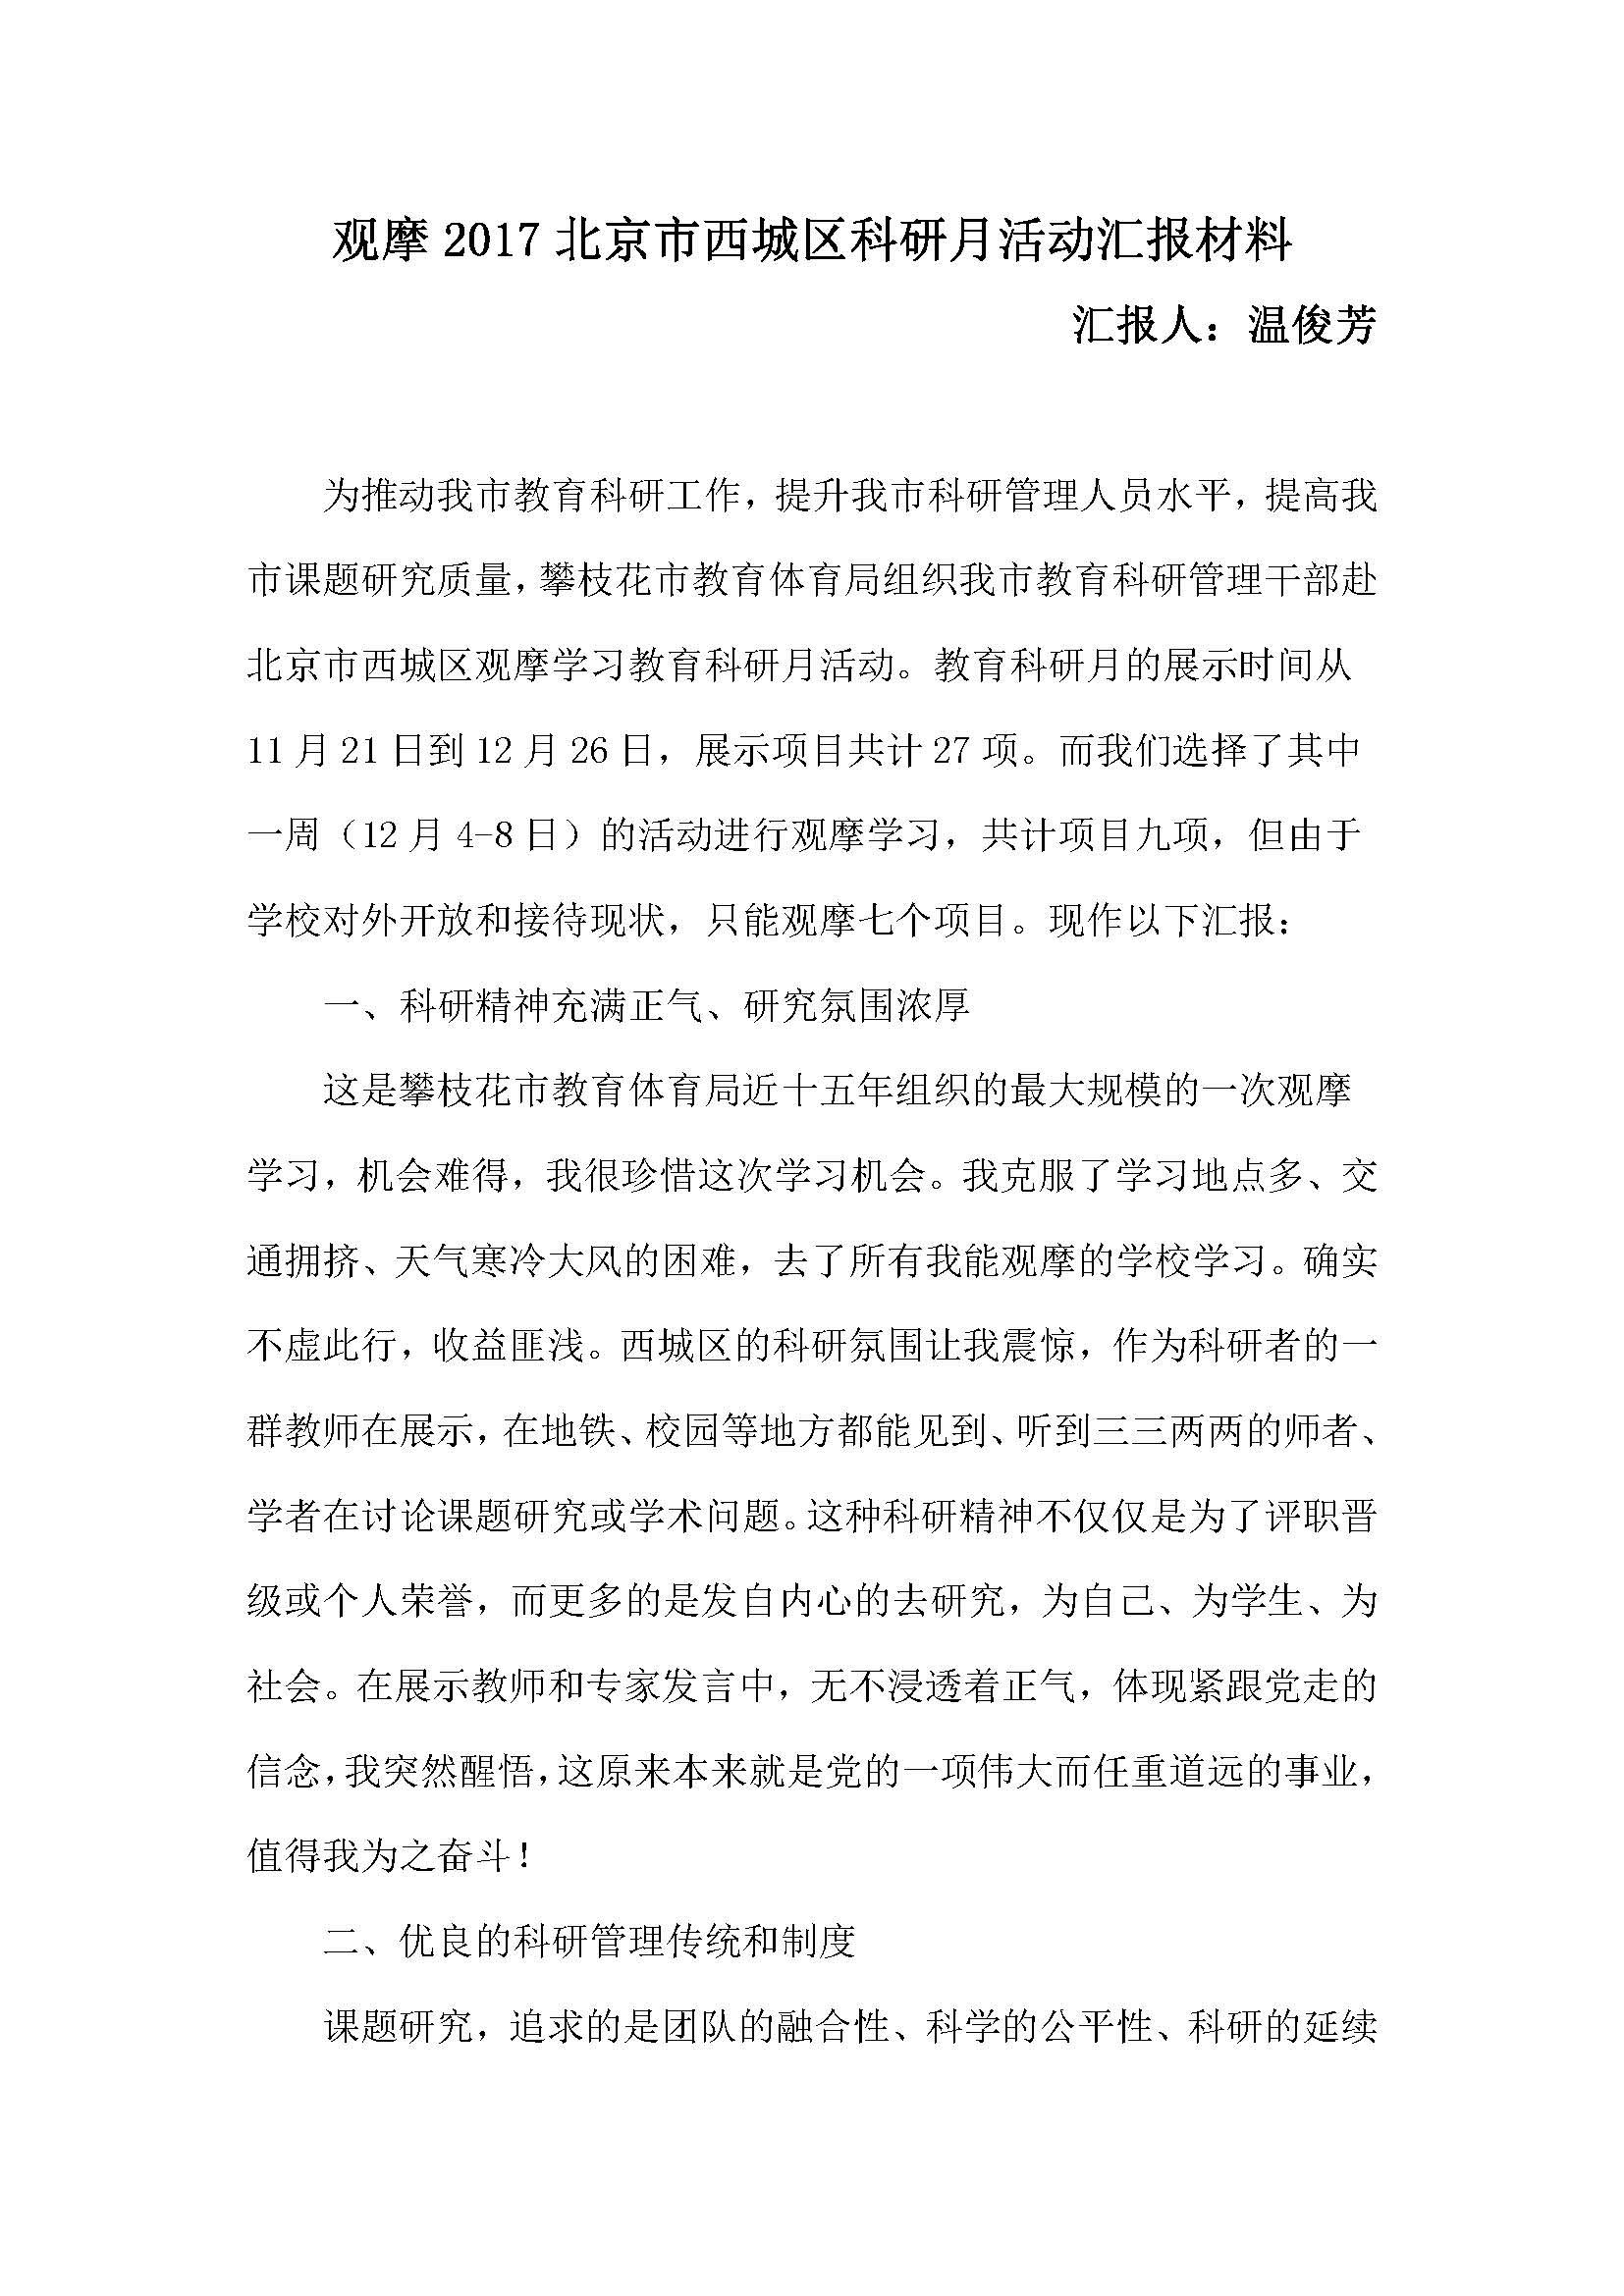 观摩2017北京市西城区科研月活动汇报材料(温俊芳12.12)_页面_1.jpg